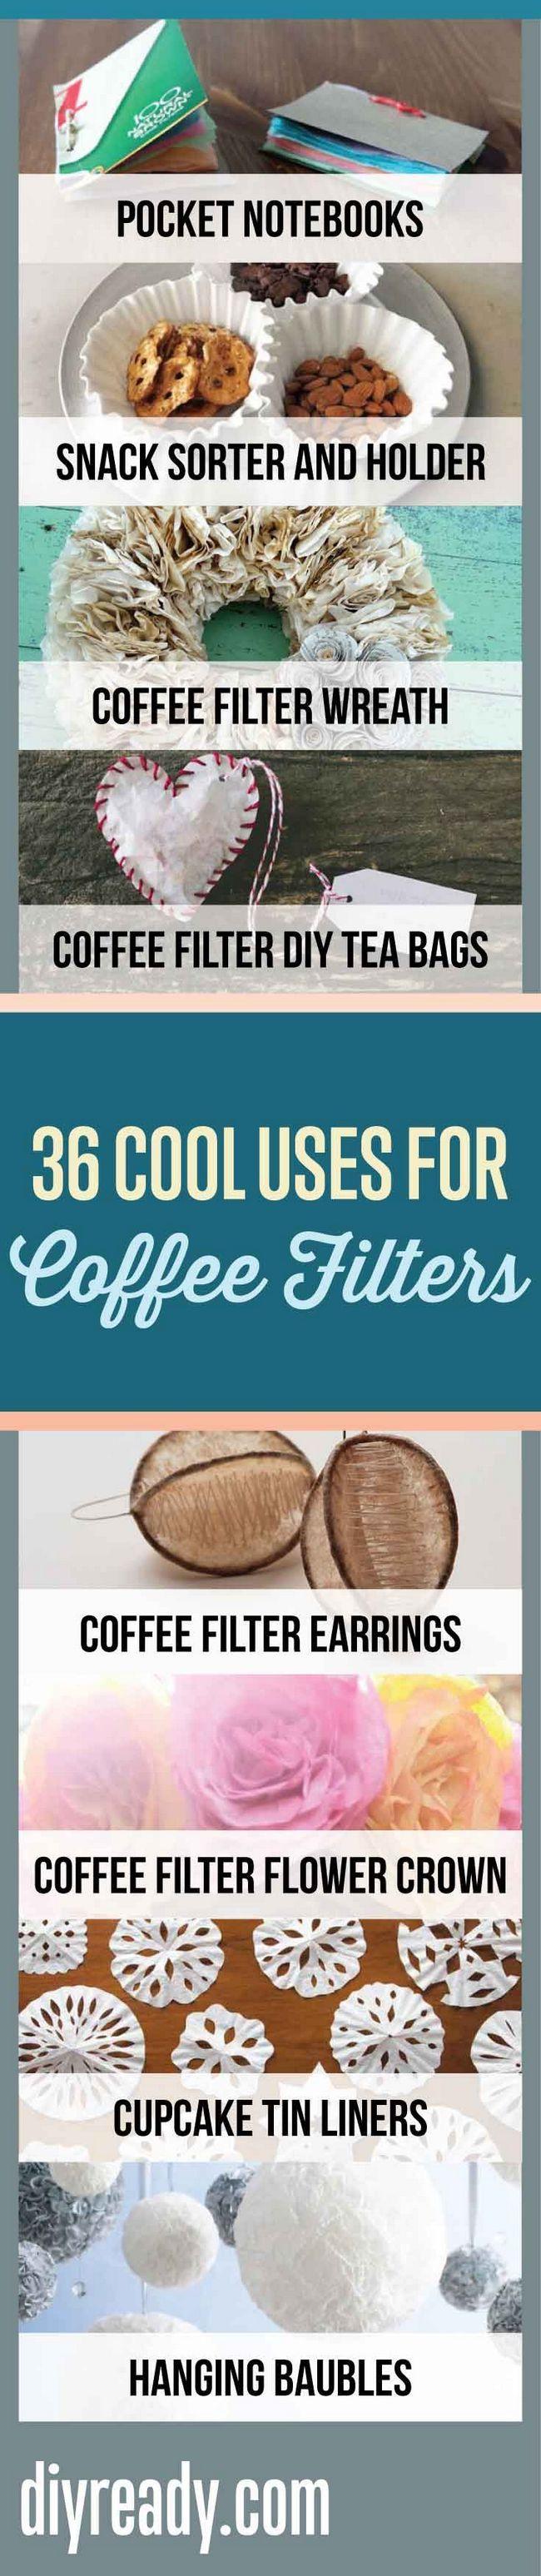 Usos de los Filtros de café | Proyectos y Oficios de bricolaje de bricolaje Listo en http://artesaniasdebricolaje.ru/uses-for-coffee-filters-diy-projects-and-ideas